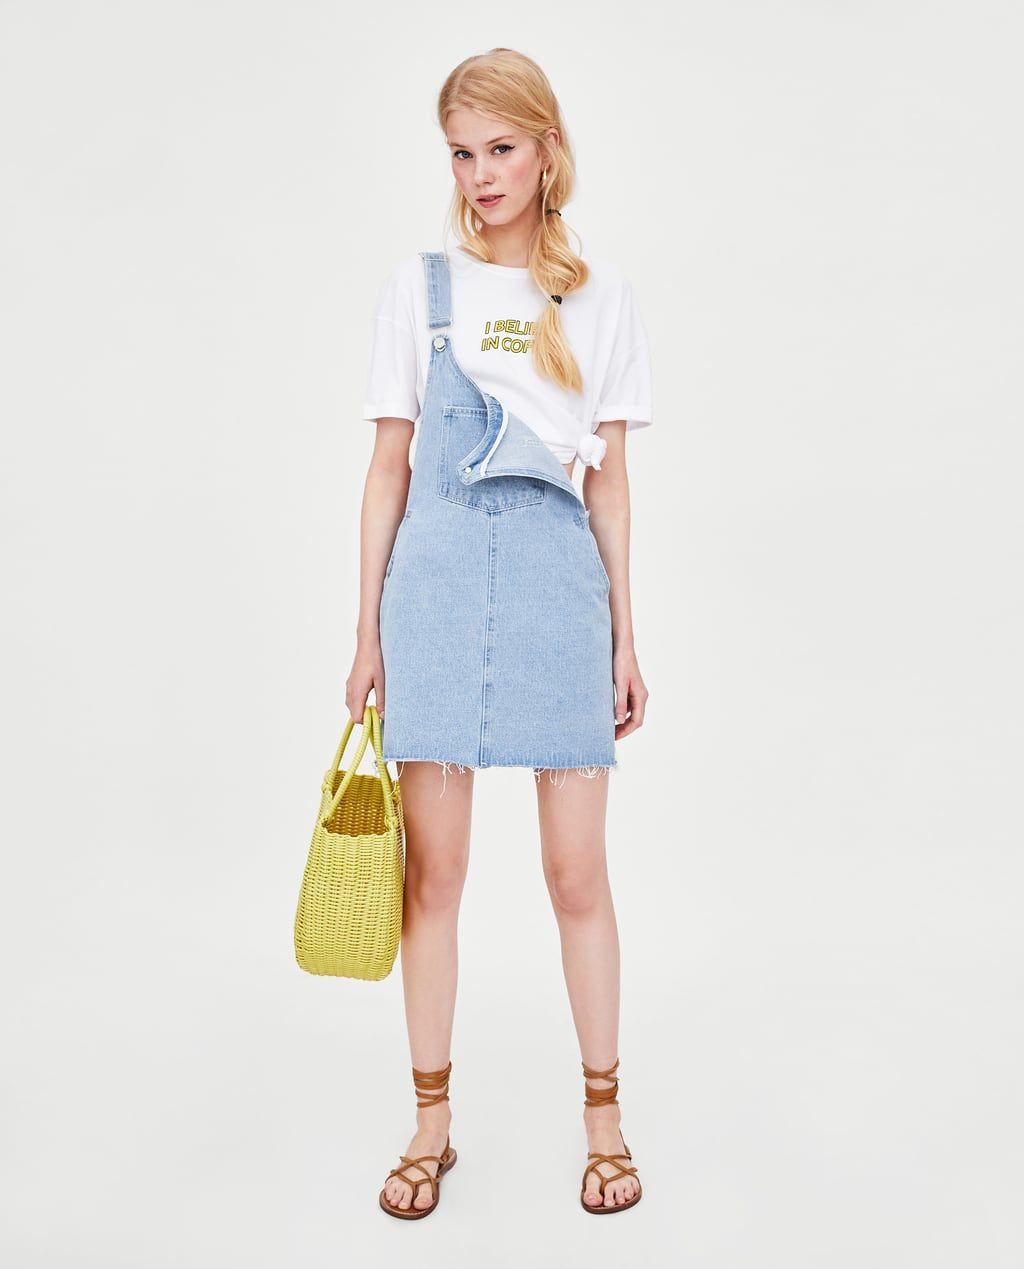 2084c7b6a2 Fashion Find: Light-Wash Denim | Fashion Finds | Lily Belf ...